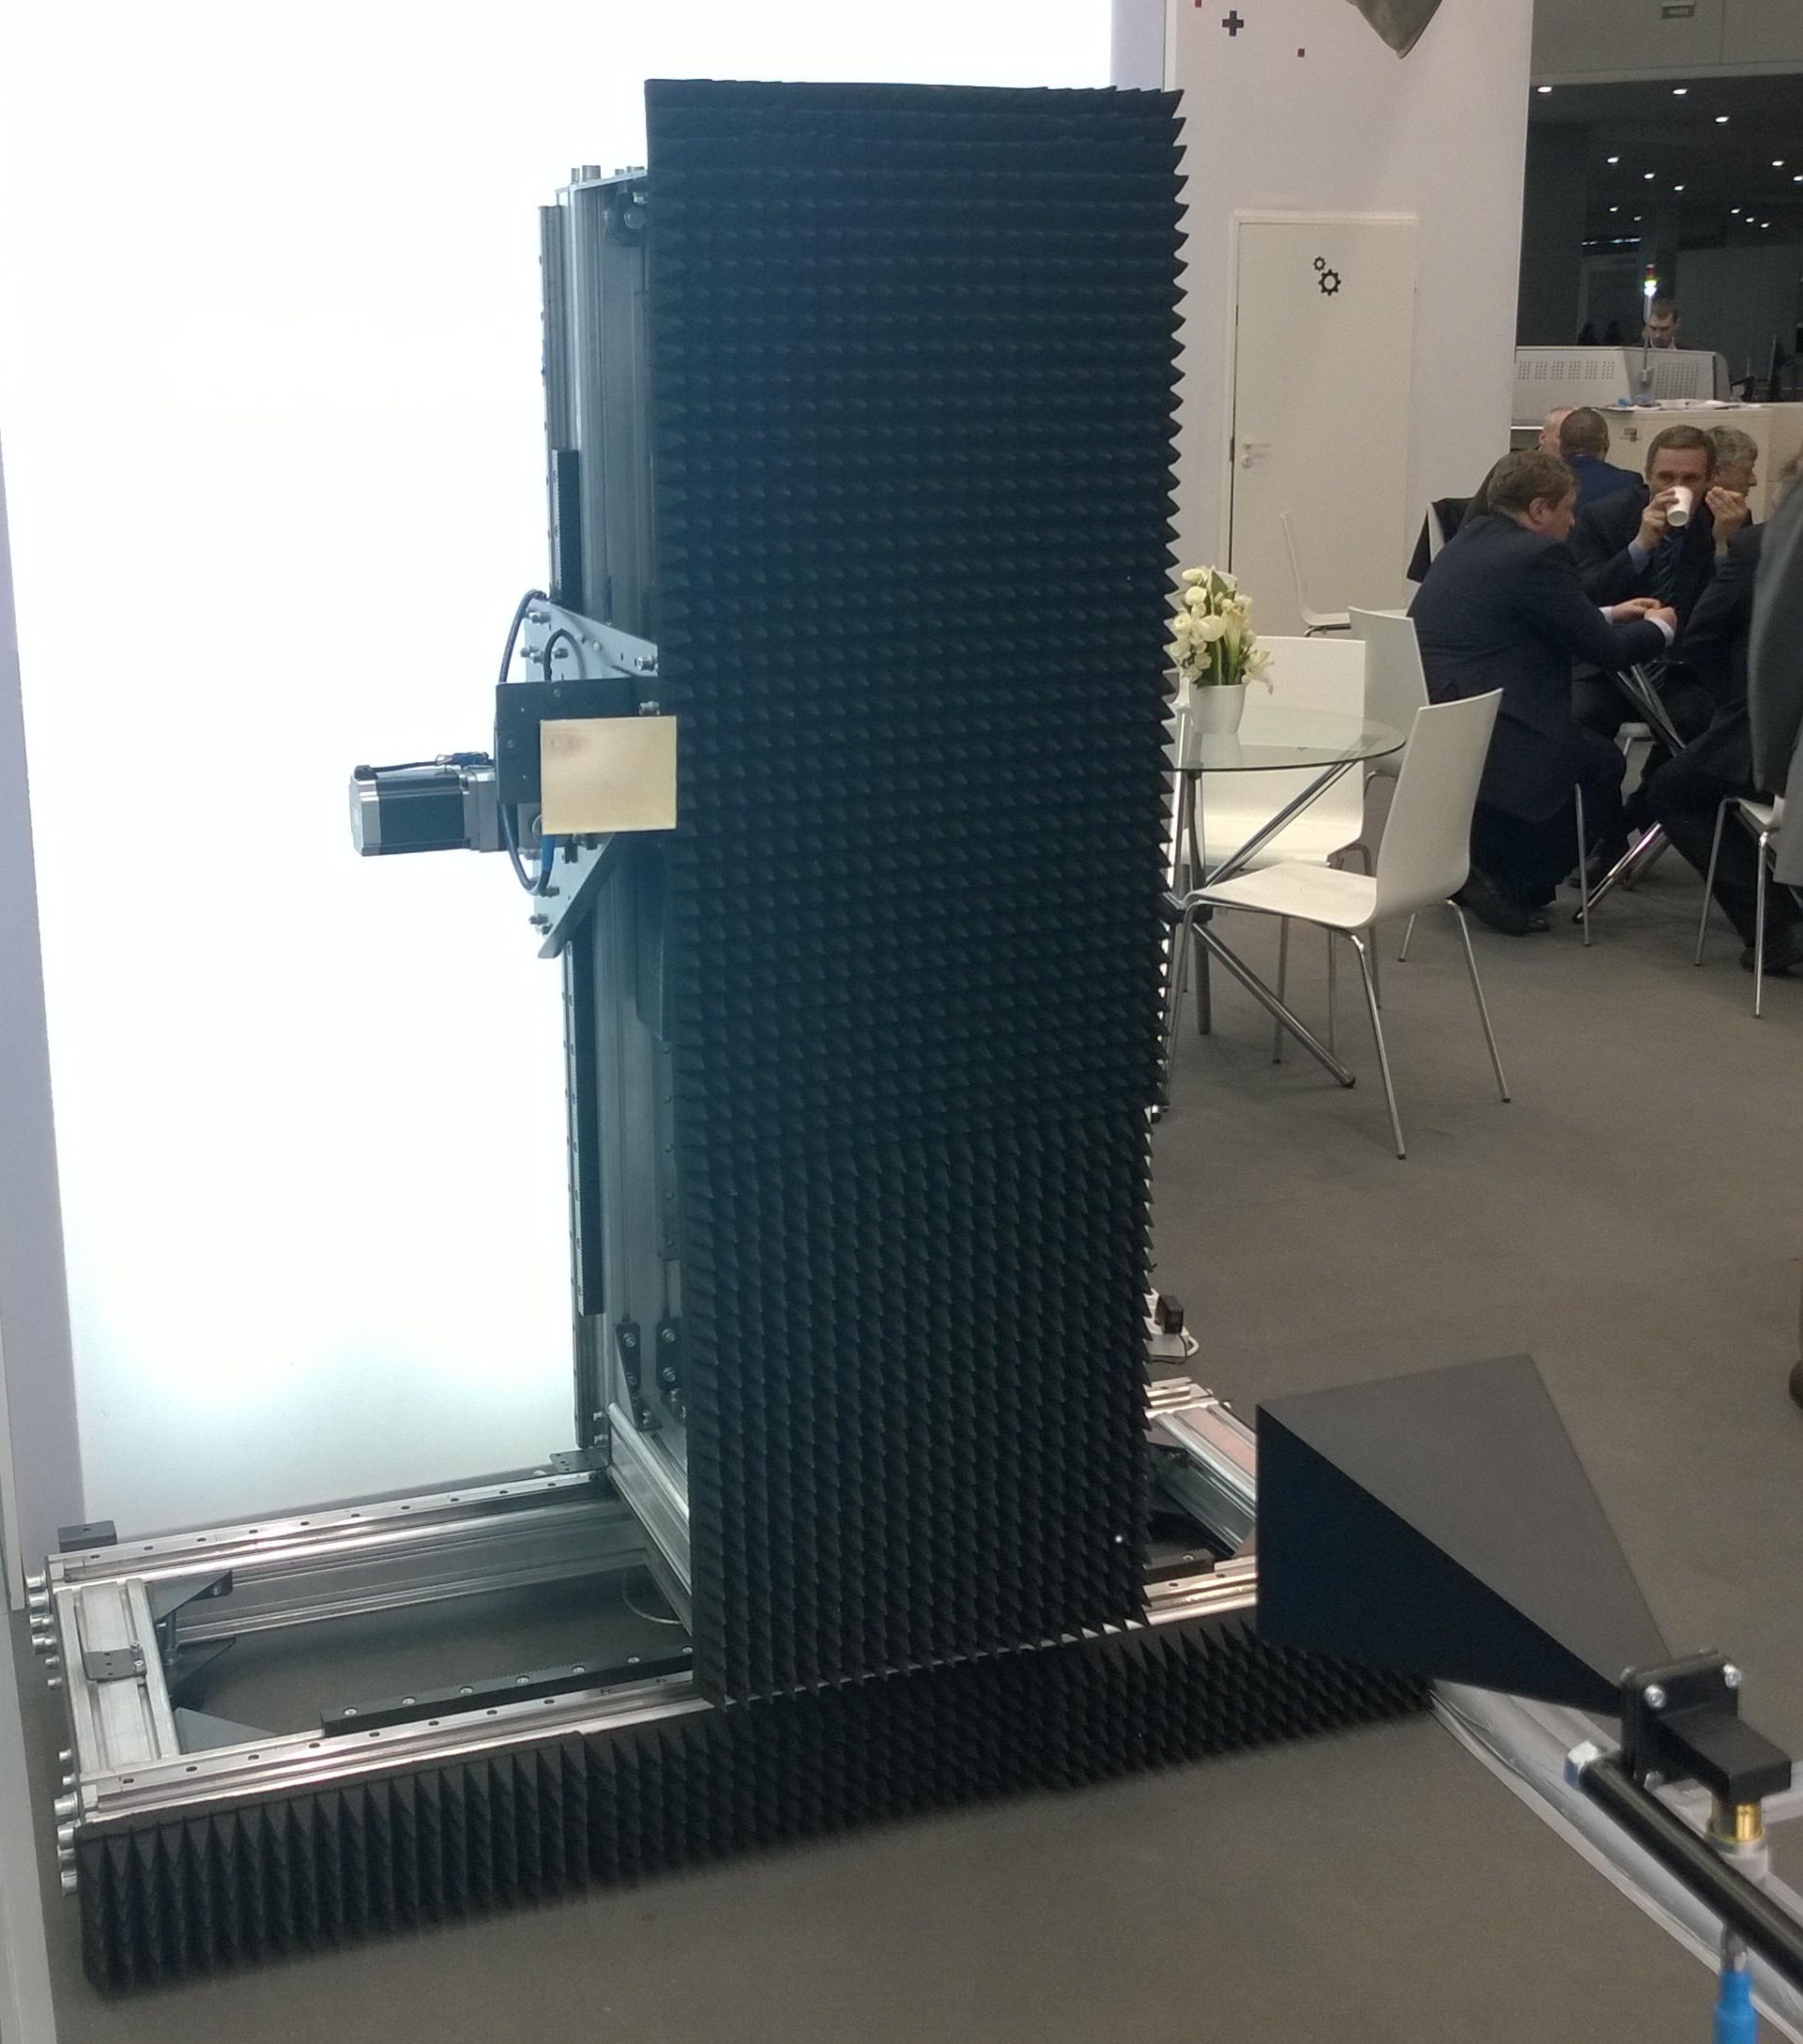 Планарный сканер серии PSN, производства компании Радиолайн, на выставке Экспоэлектроника 2014